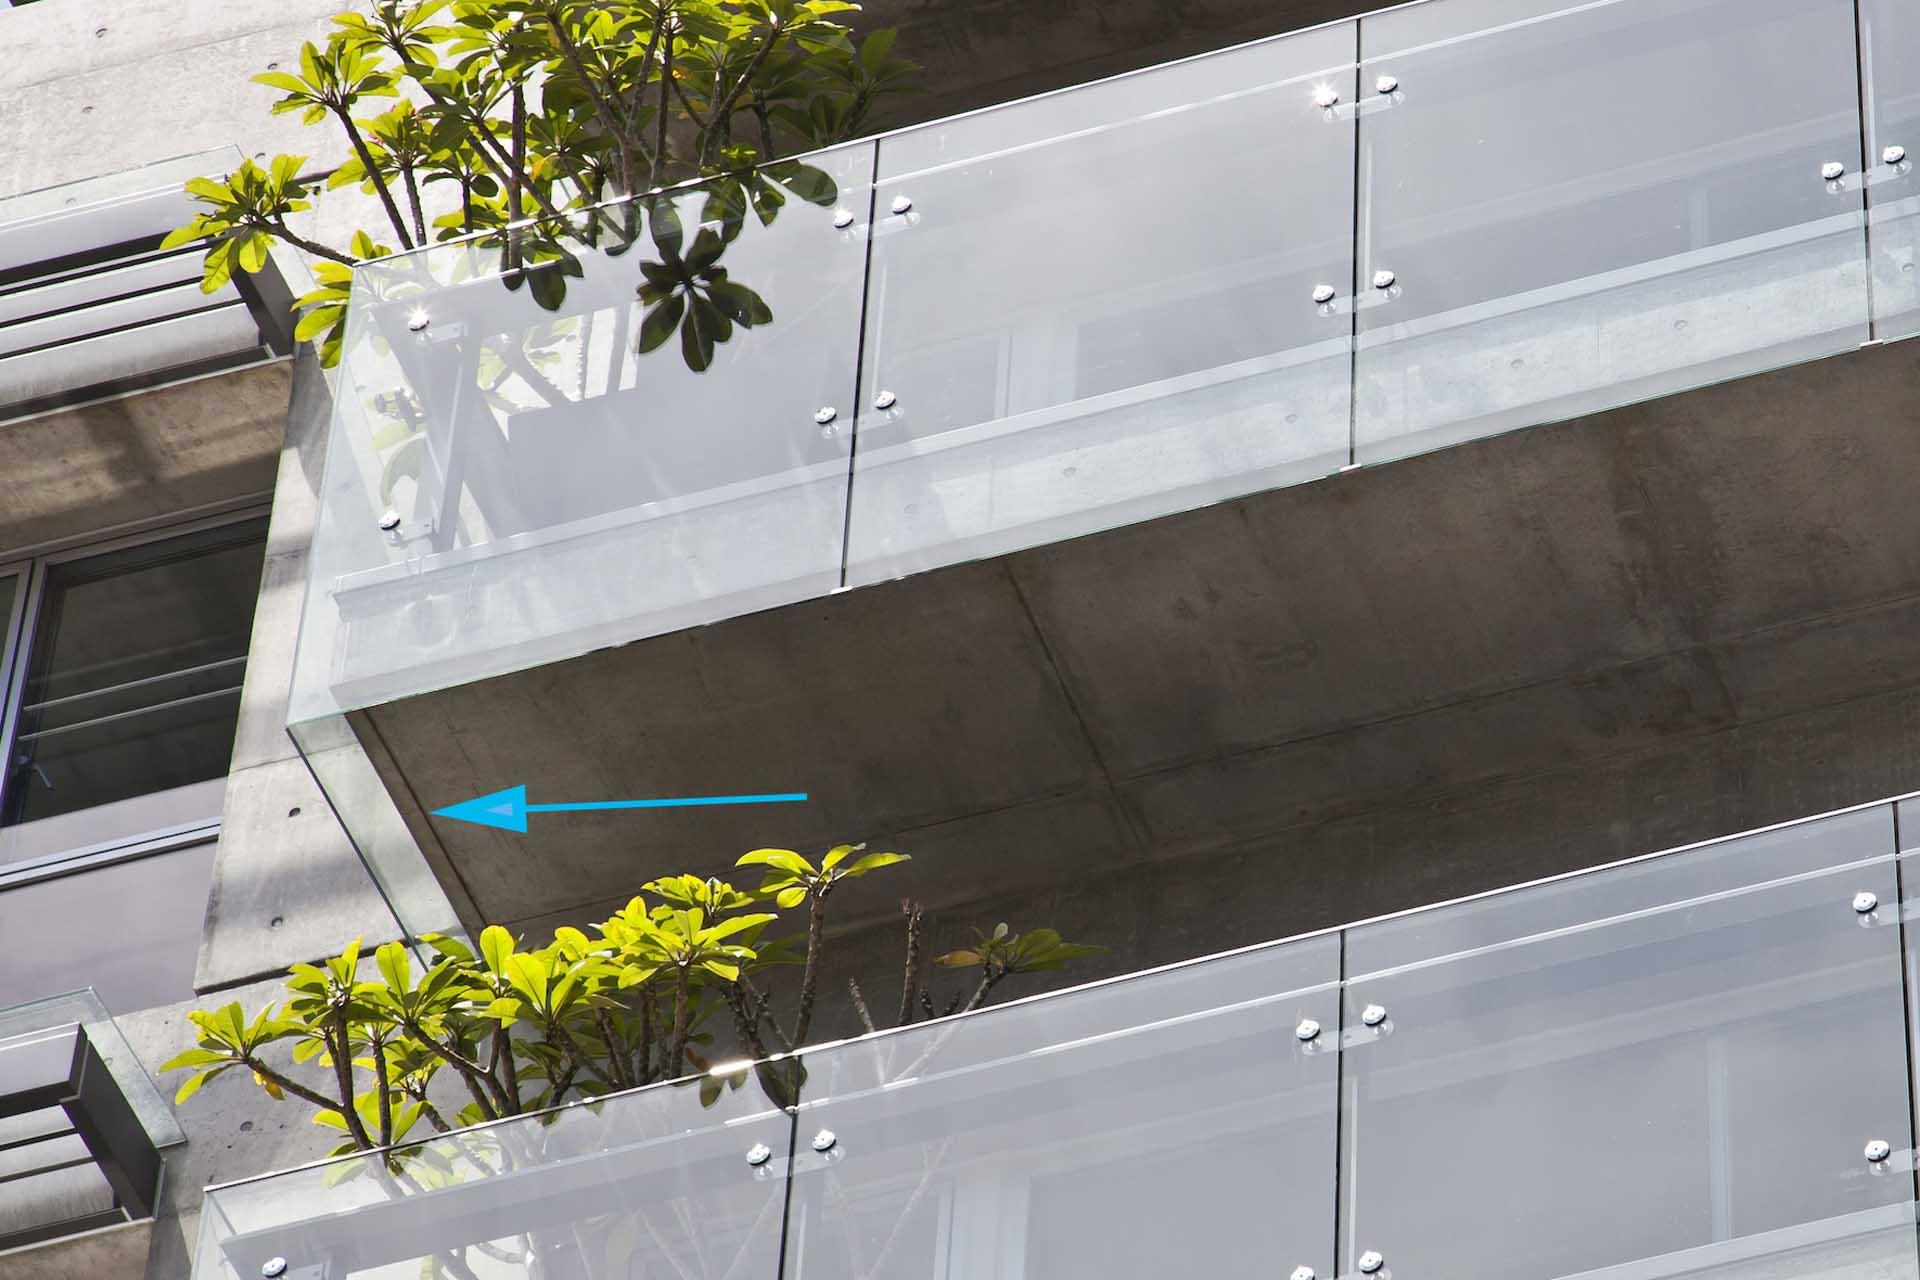 規劃玻璃欄杆避免汙染陽臺板面,並於底部設置滴水線建立第二道防汙機制。